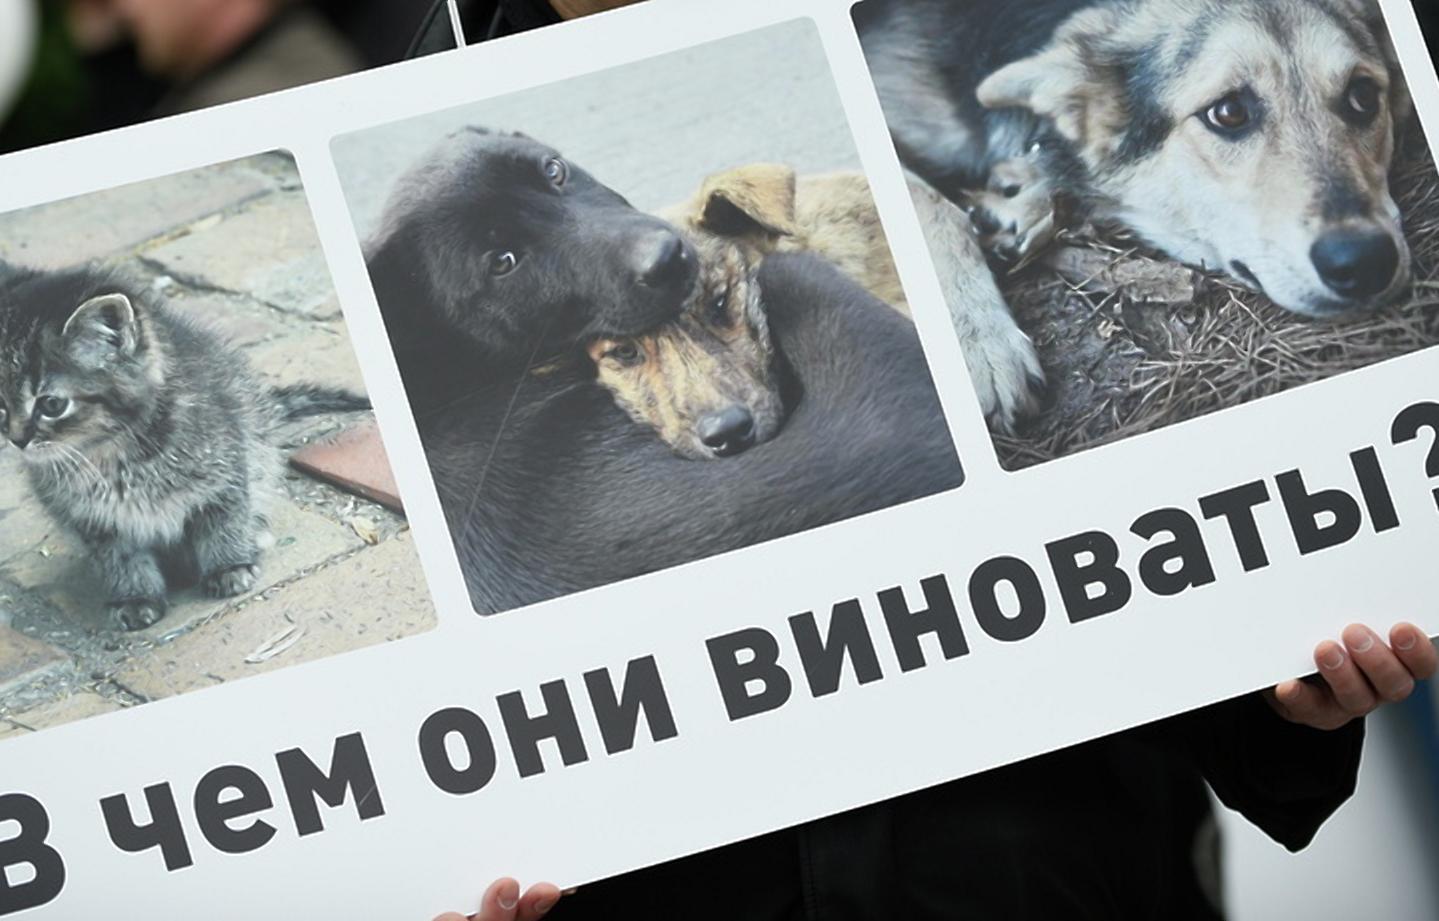 ВКонтакте против бездомных животных. В России массово блокируют сообщества зоозащитников - новости Афанасий